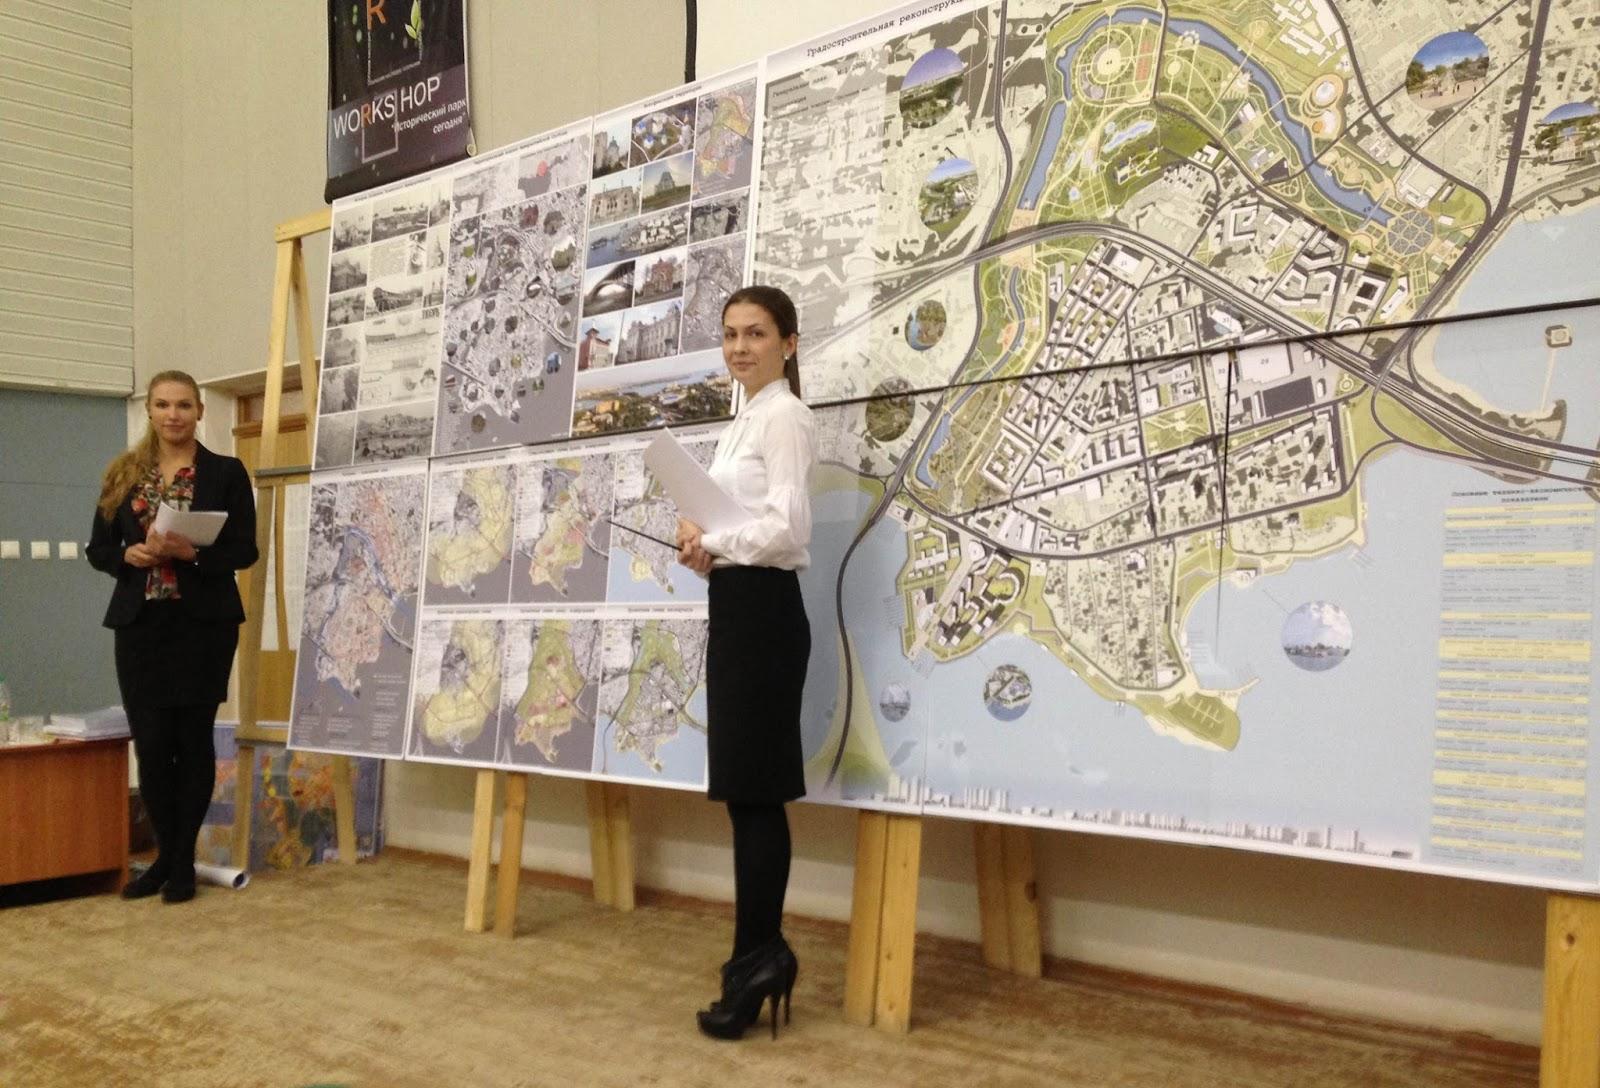 К пониманию дипломной работы Архитектурная практика Часто в составе графической экспозиции дипломных проектов мне не хватает опорного плана места проектирования Желательно в одном масштабе выносить опорный